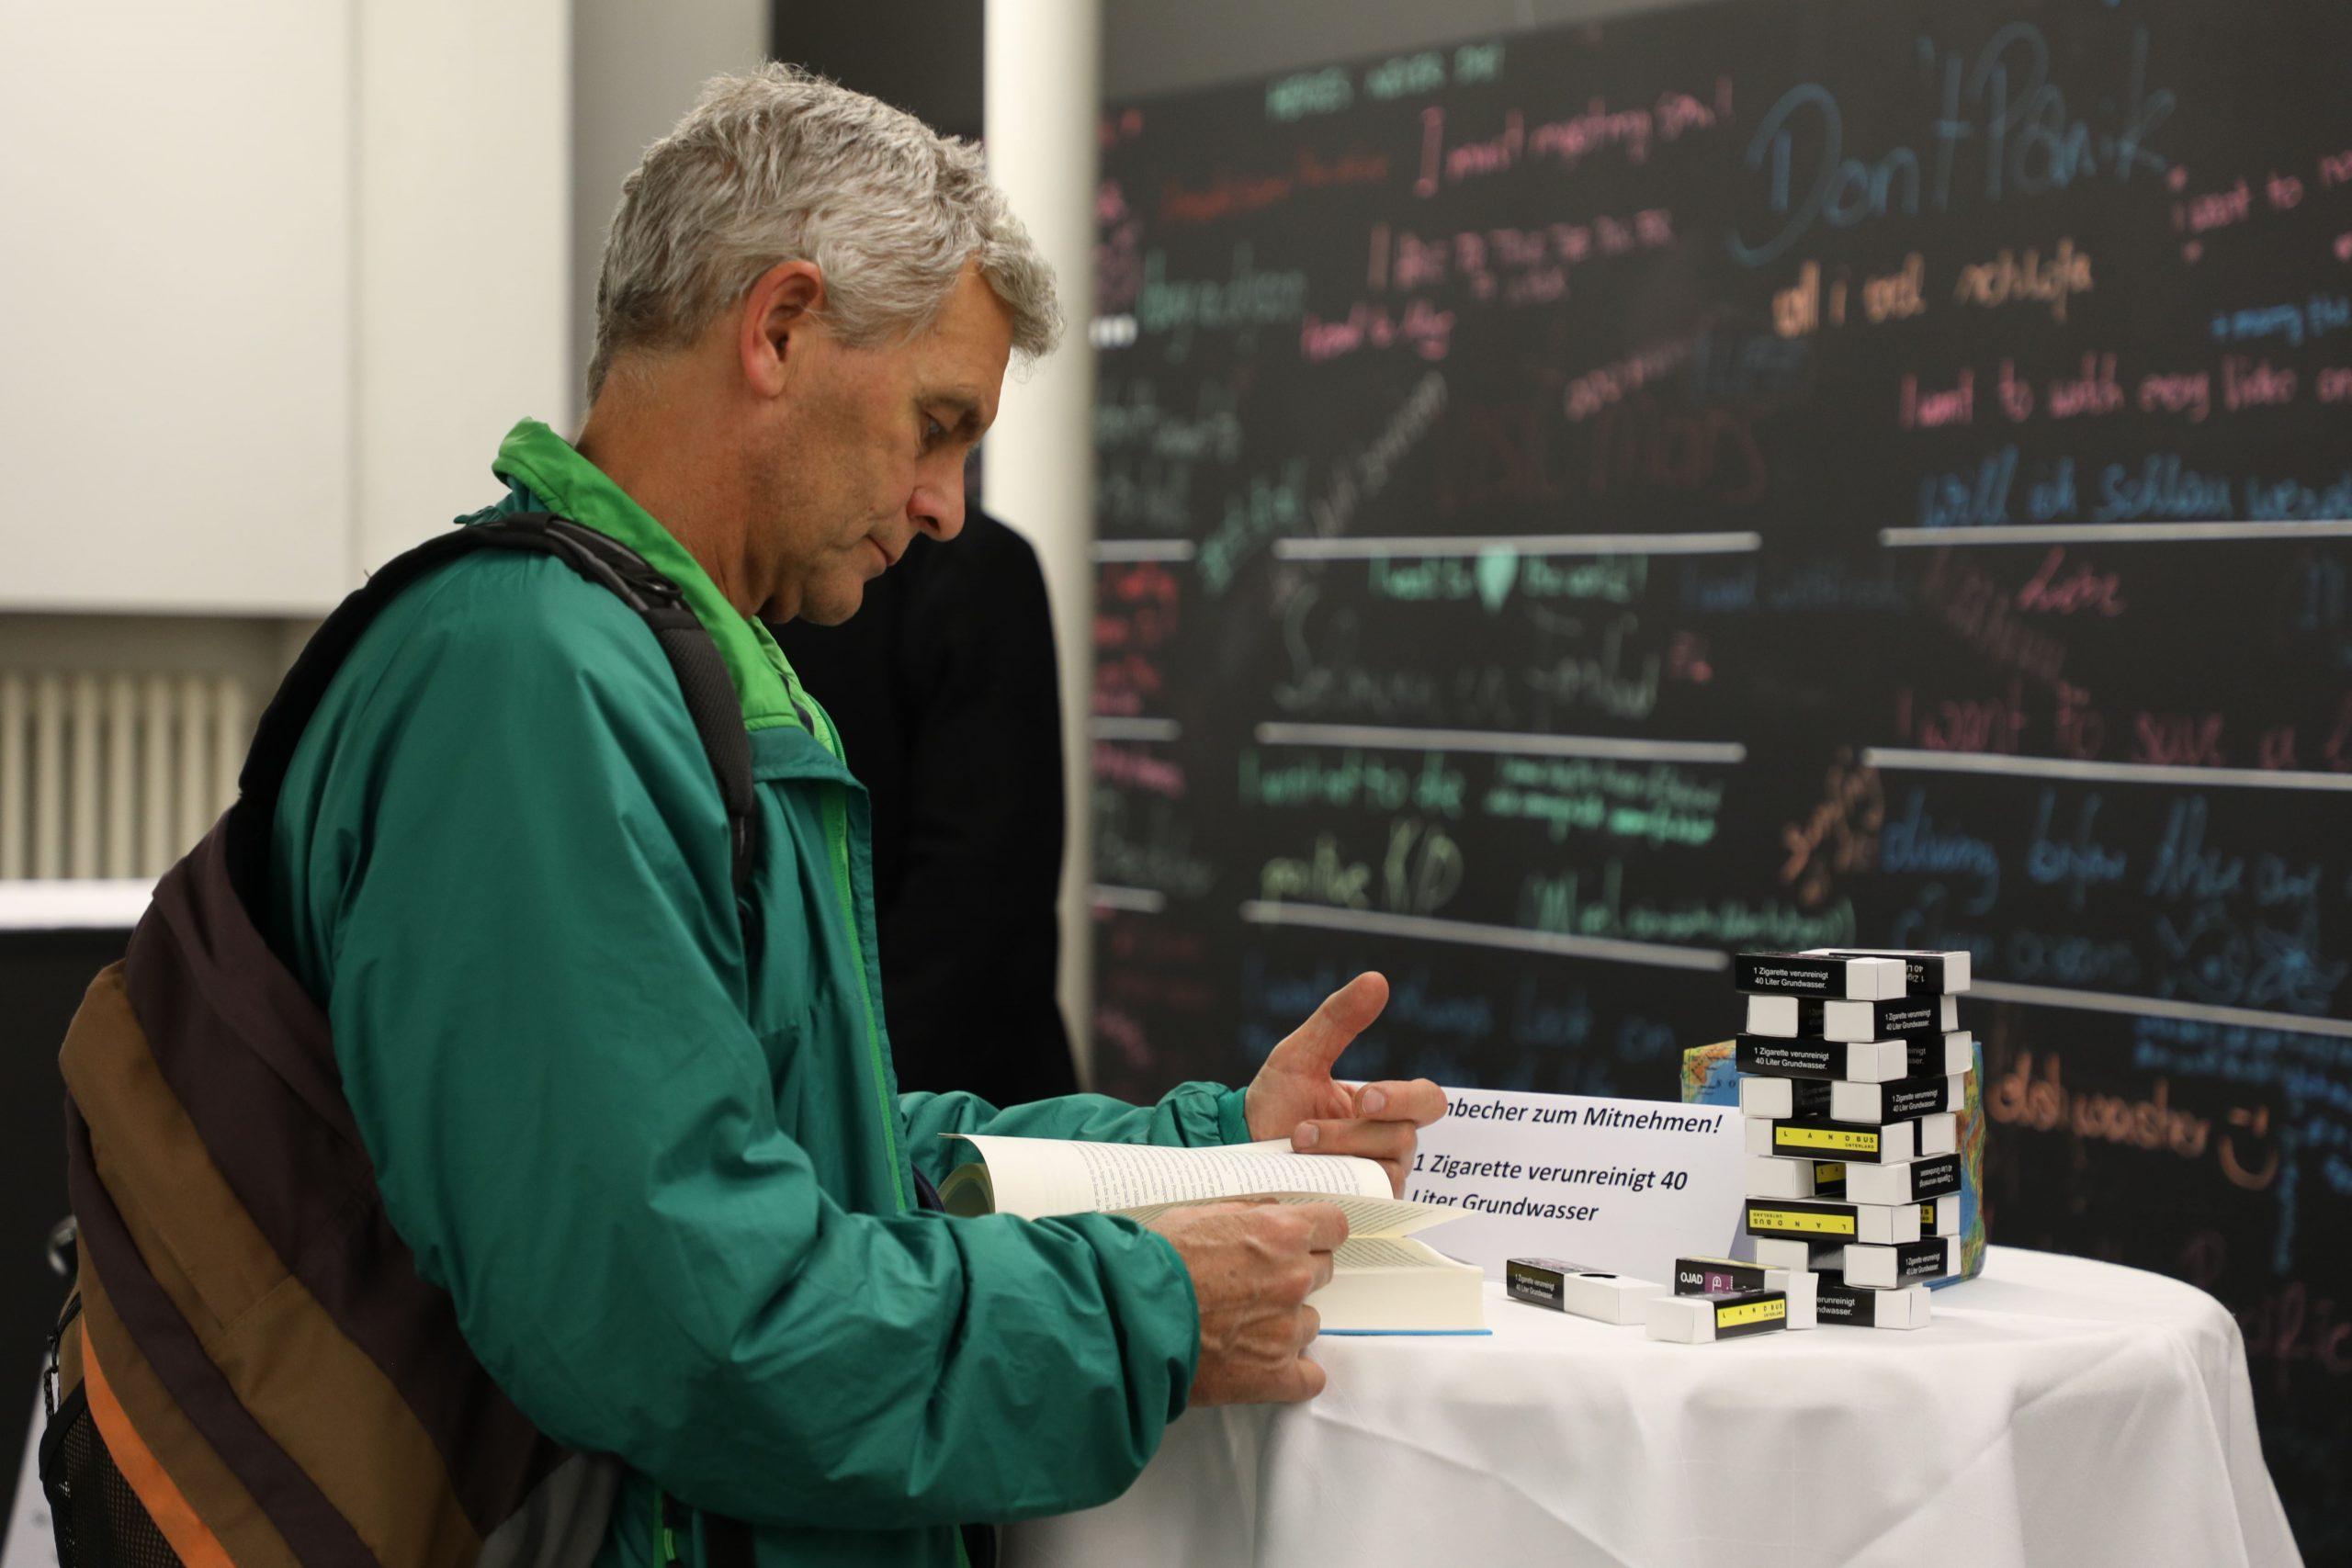 Zukunft spielen - Systeme und Nachhaltigkeit erleben und verstehen